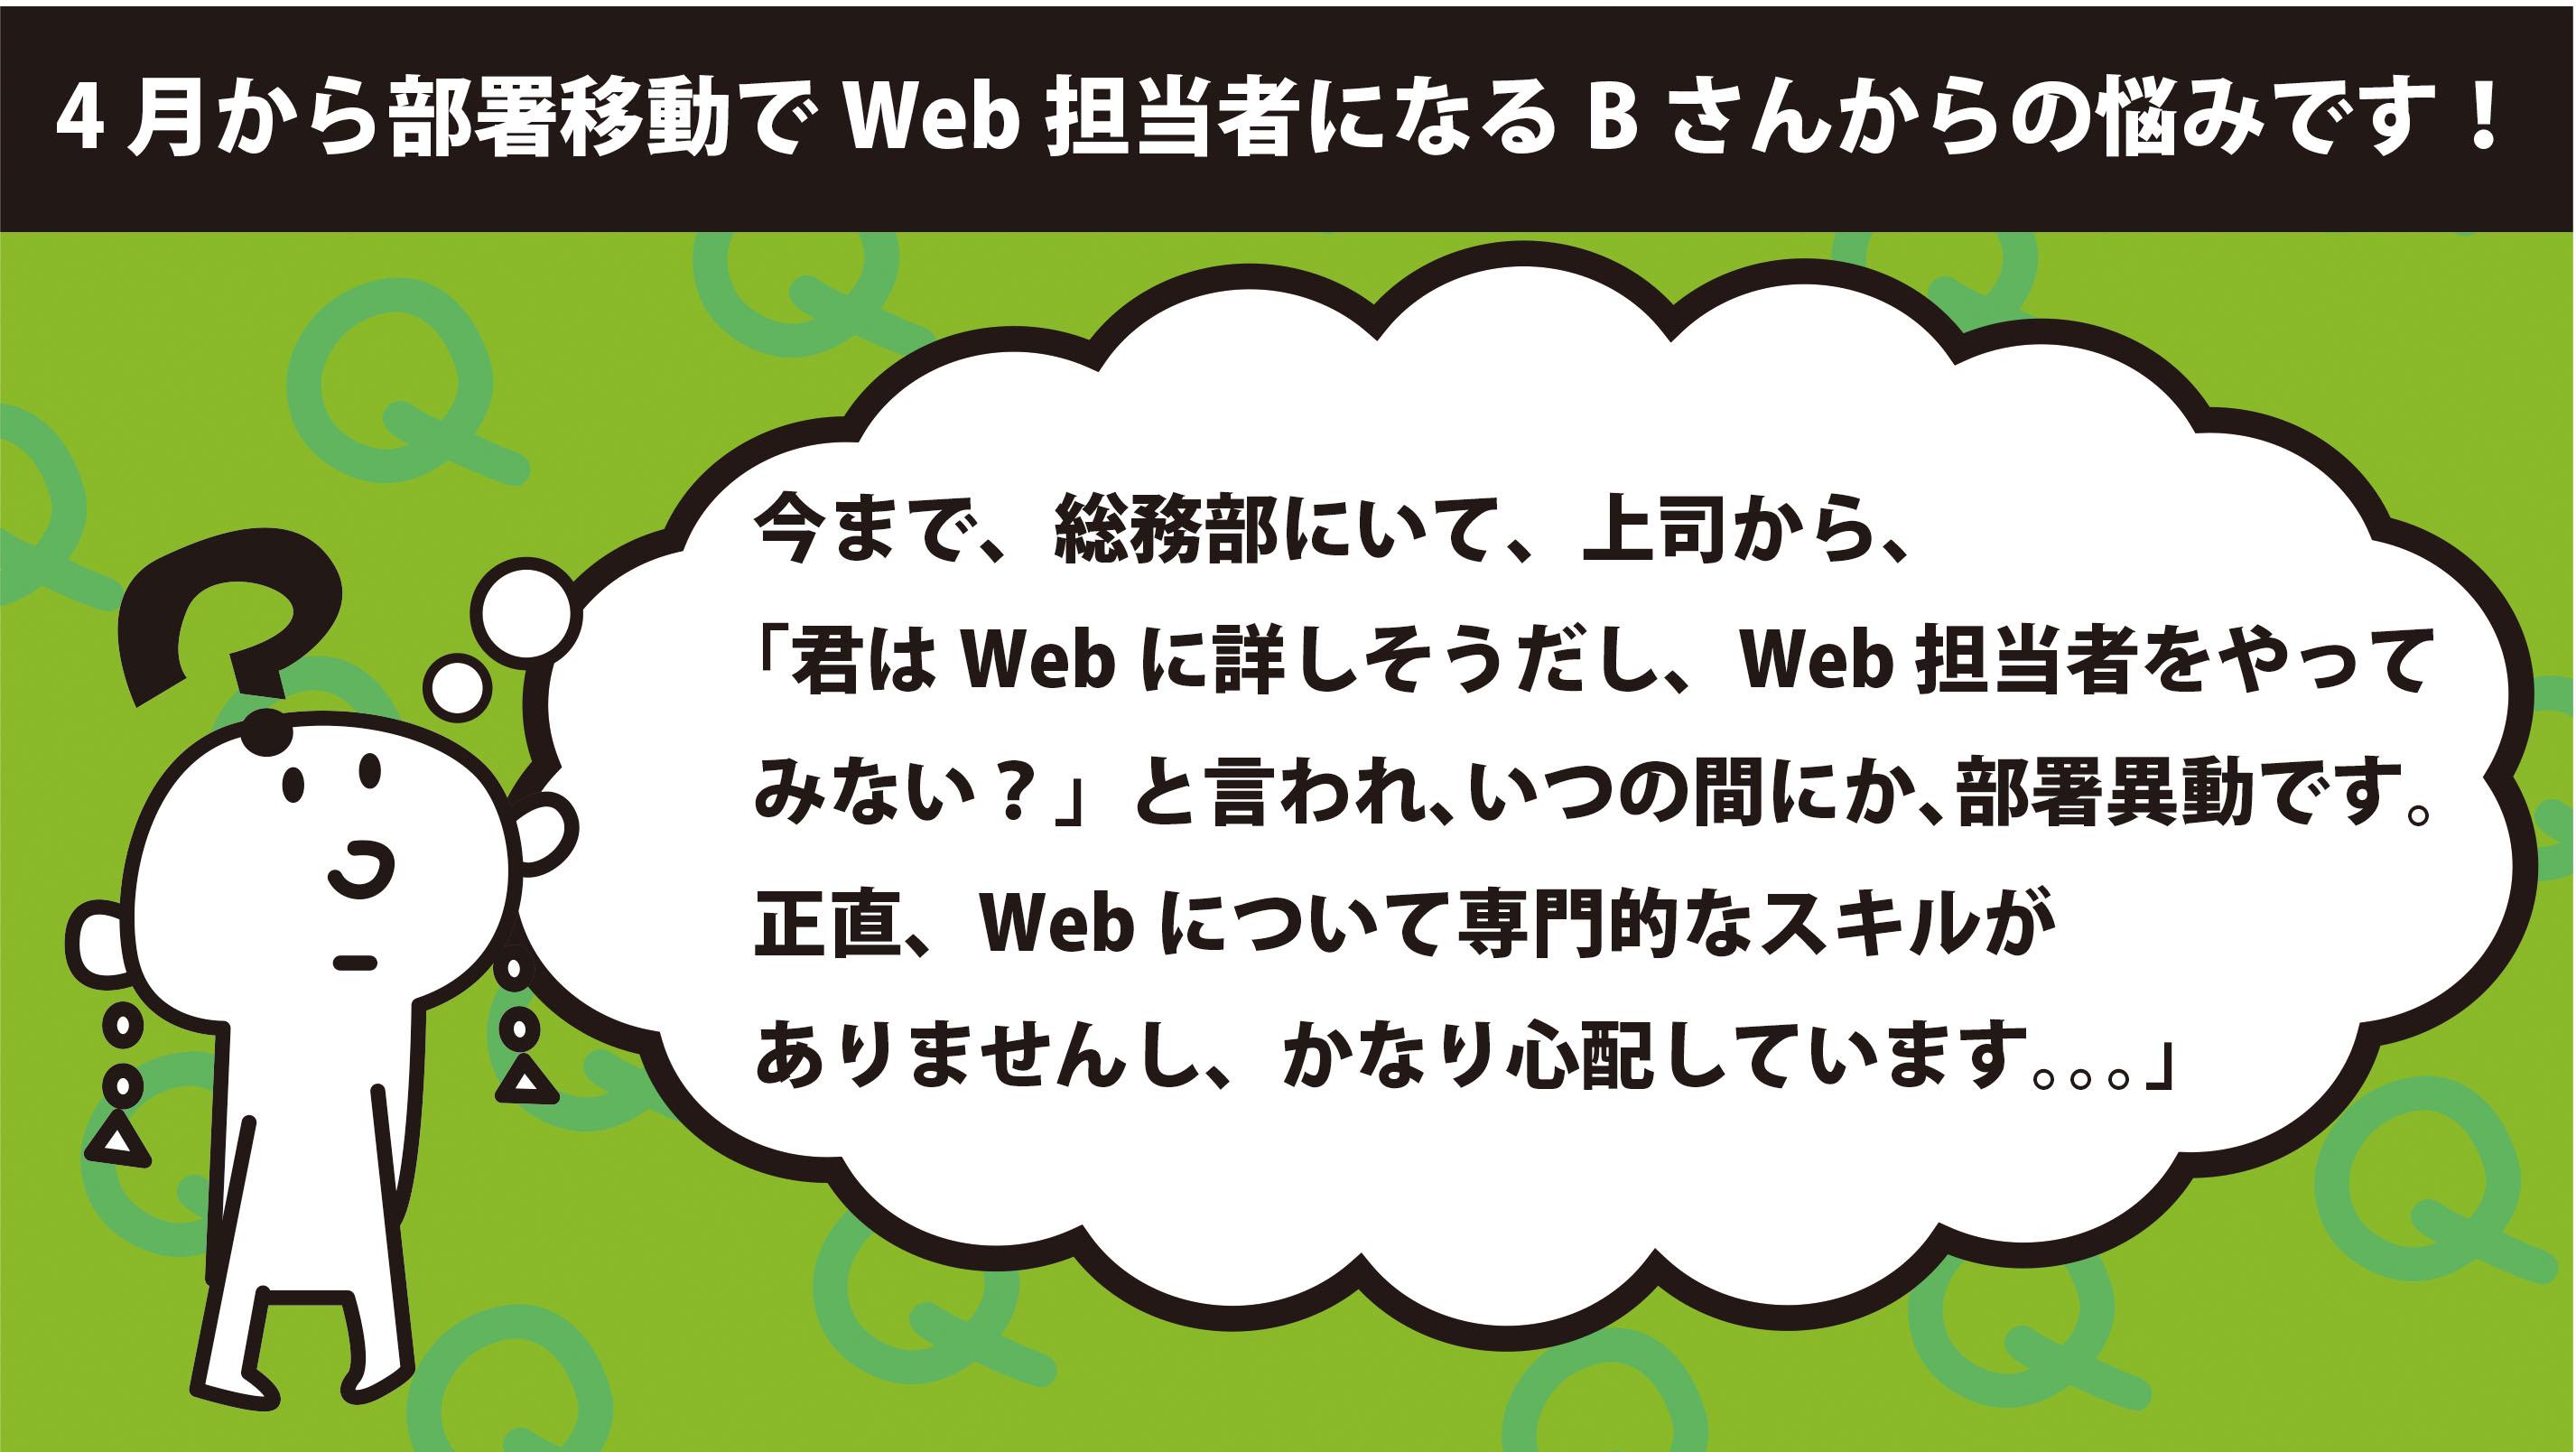 Webディレクターにお悩み相談 vol.2:Web担当者だけど、スキルも知識も不足しています